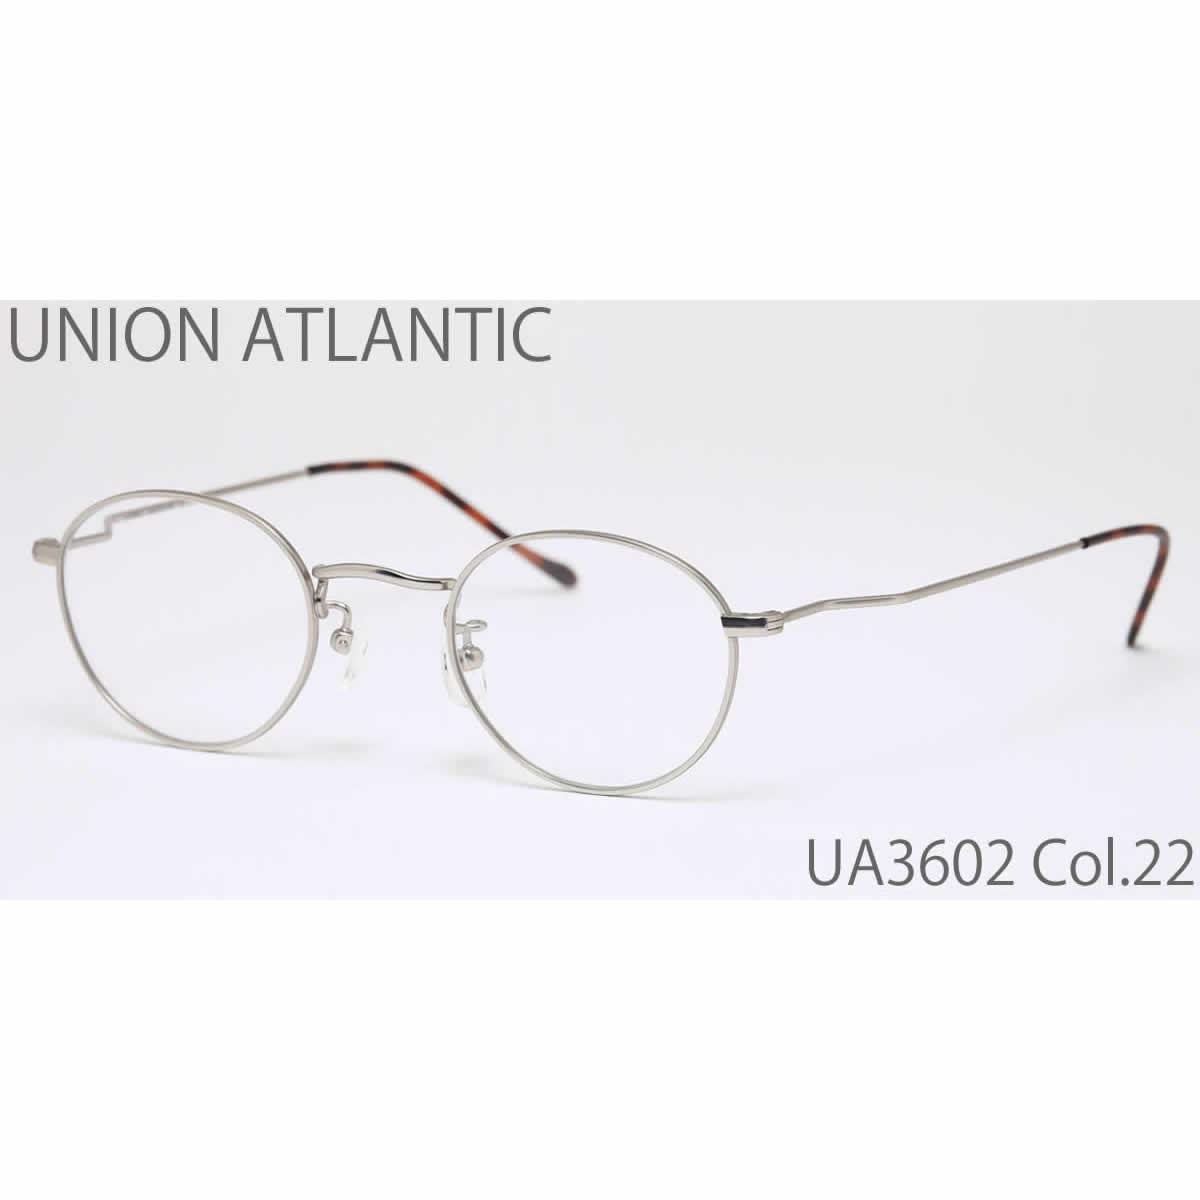 【10月30日からエントリーで全品ポイント20倍】【14時までのご注文は即日発送】UA3602 22 44 UNION ATLANTIC (ユニオンアトランティック) メガネ メンズ レディース【あす楽対応】【伊達メガネ用レンズ無料!!】